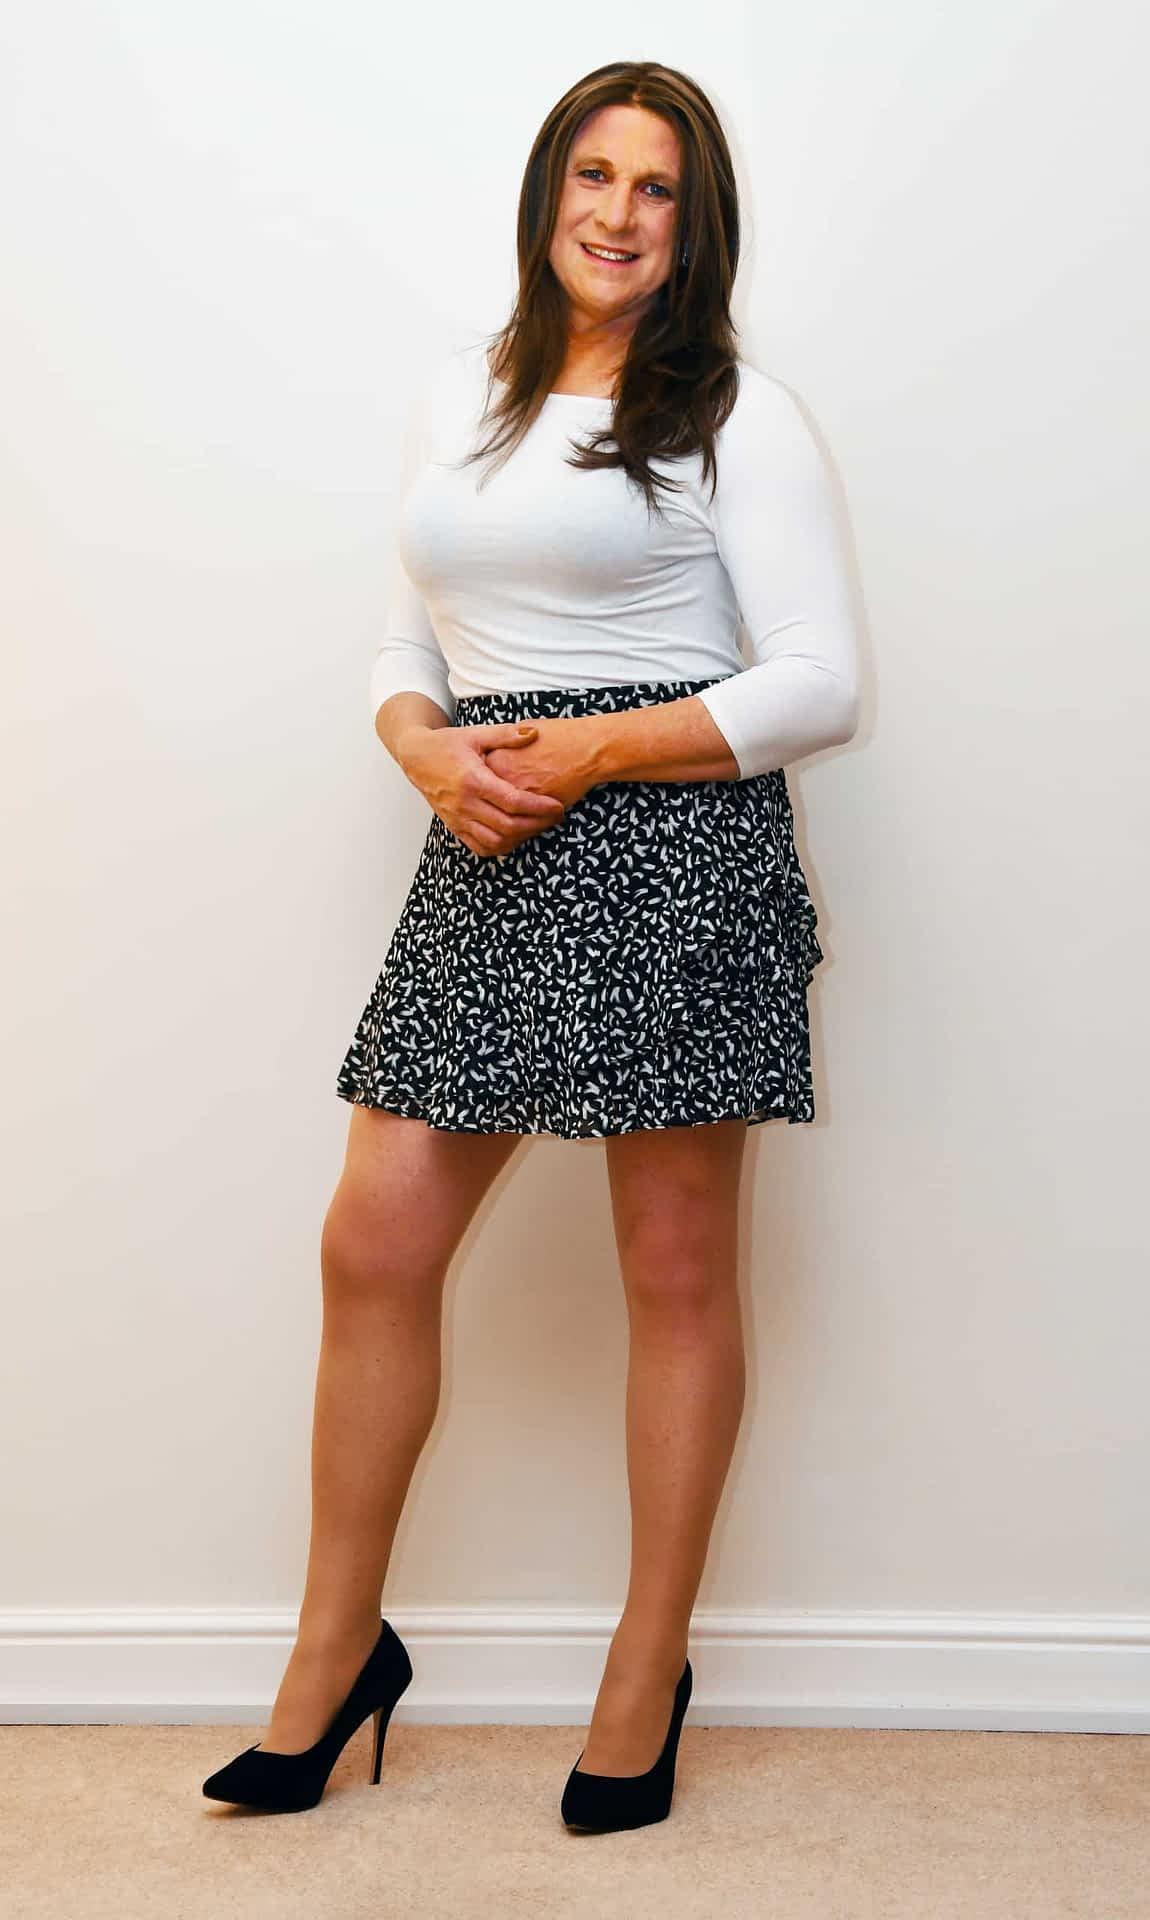 New Skirt & Top